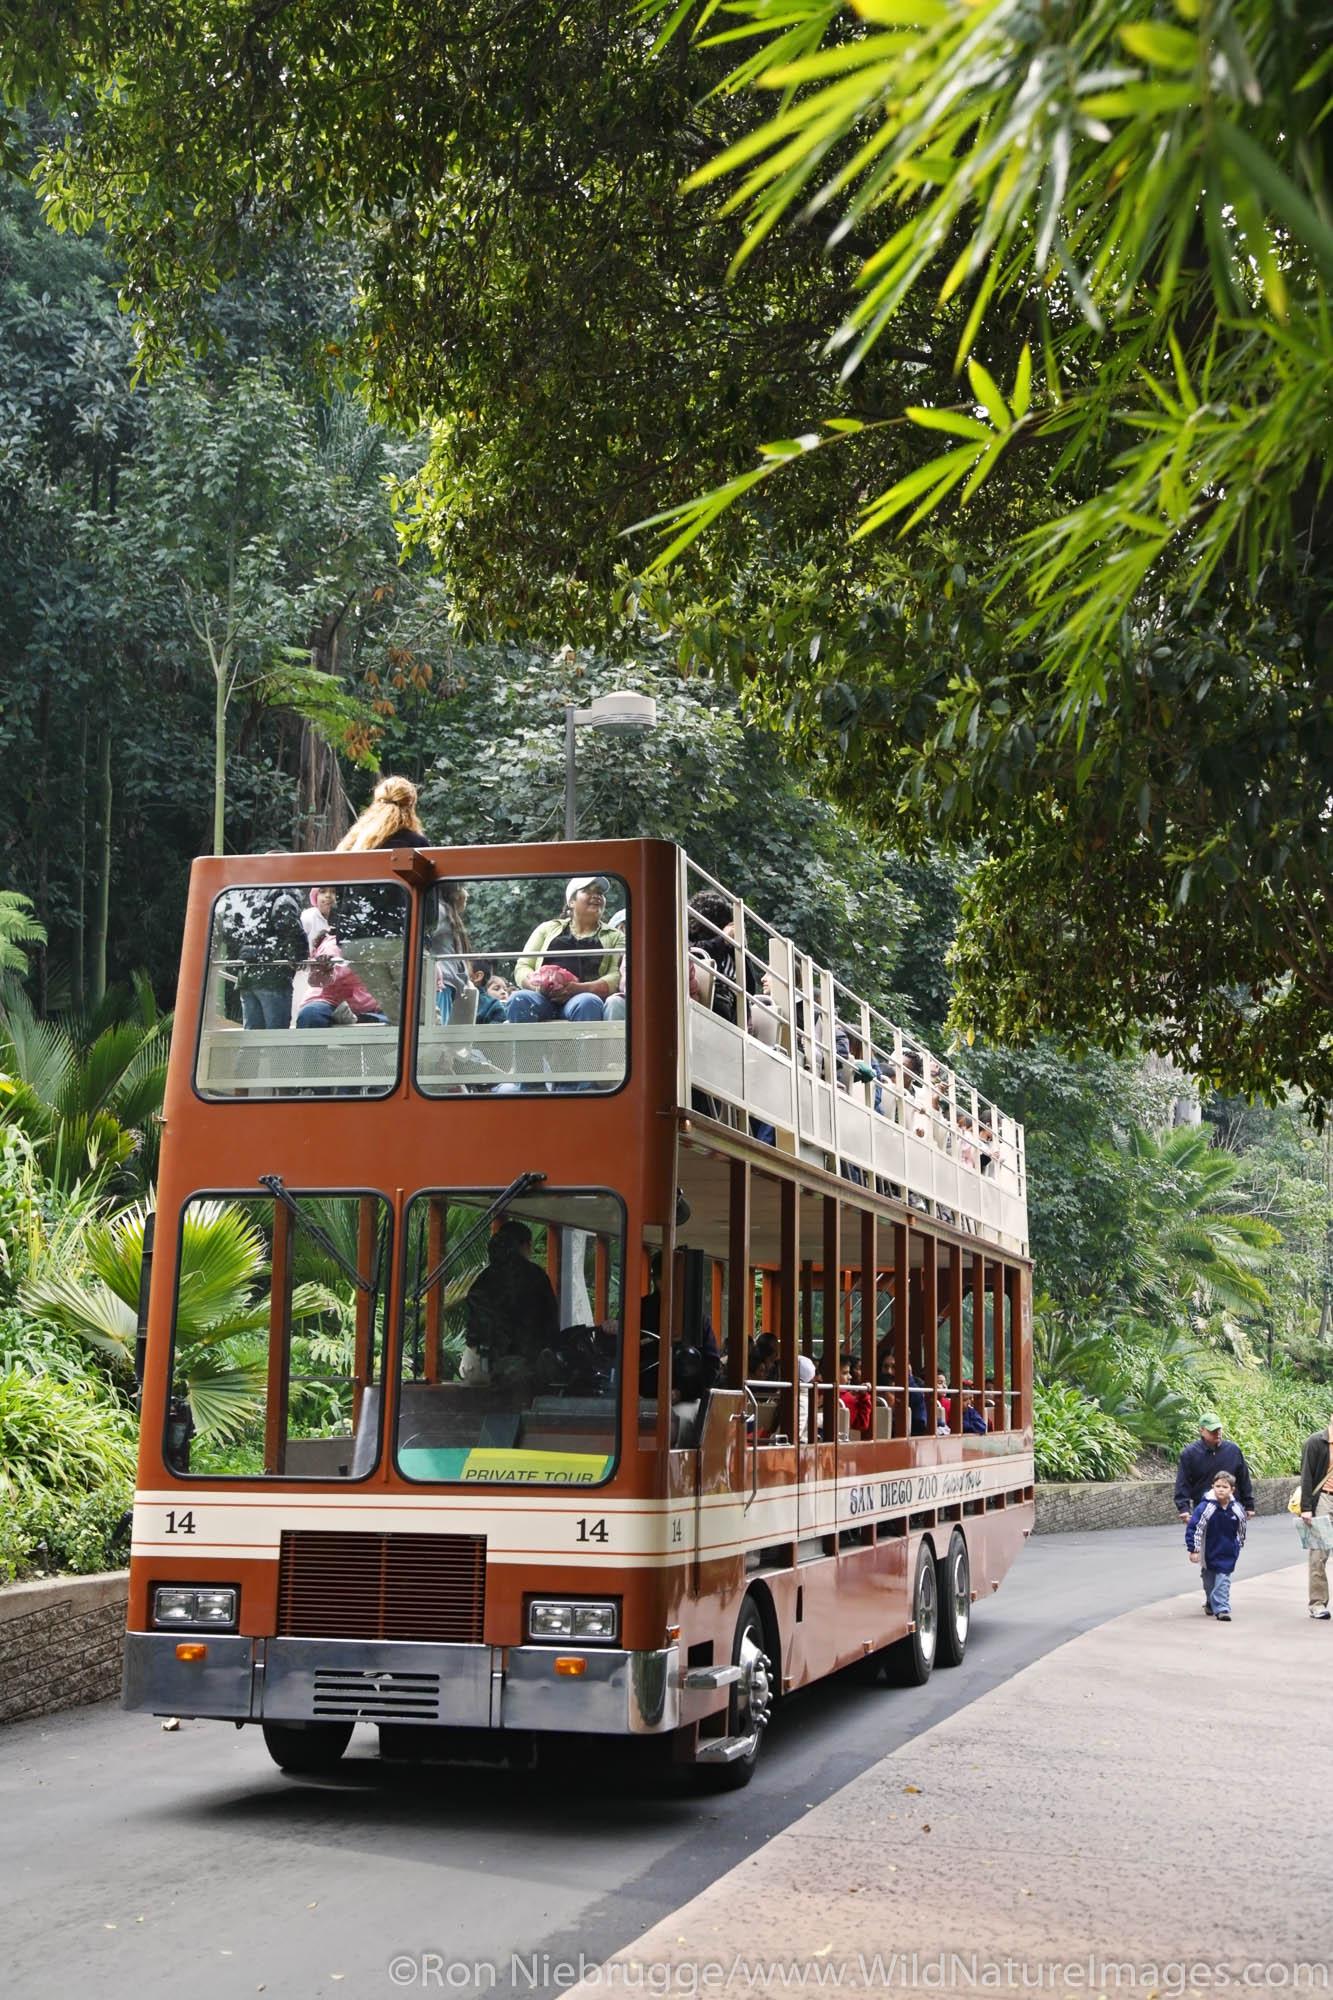 Tour bus at the San Diego Zoo in Balboa Park, San Diego, California.